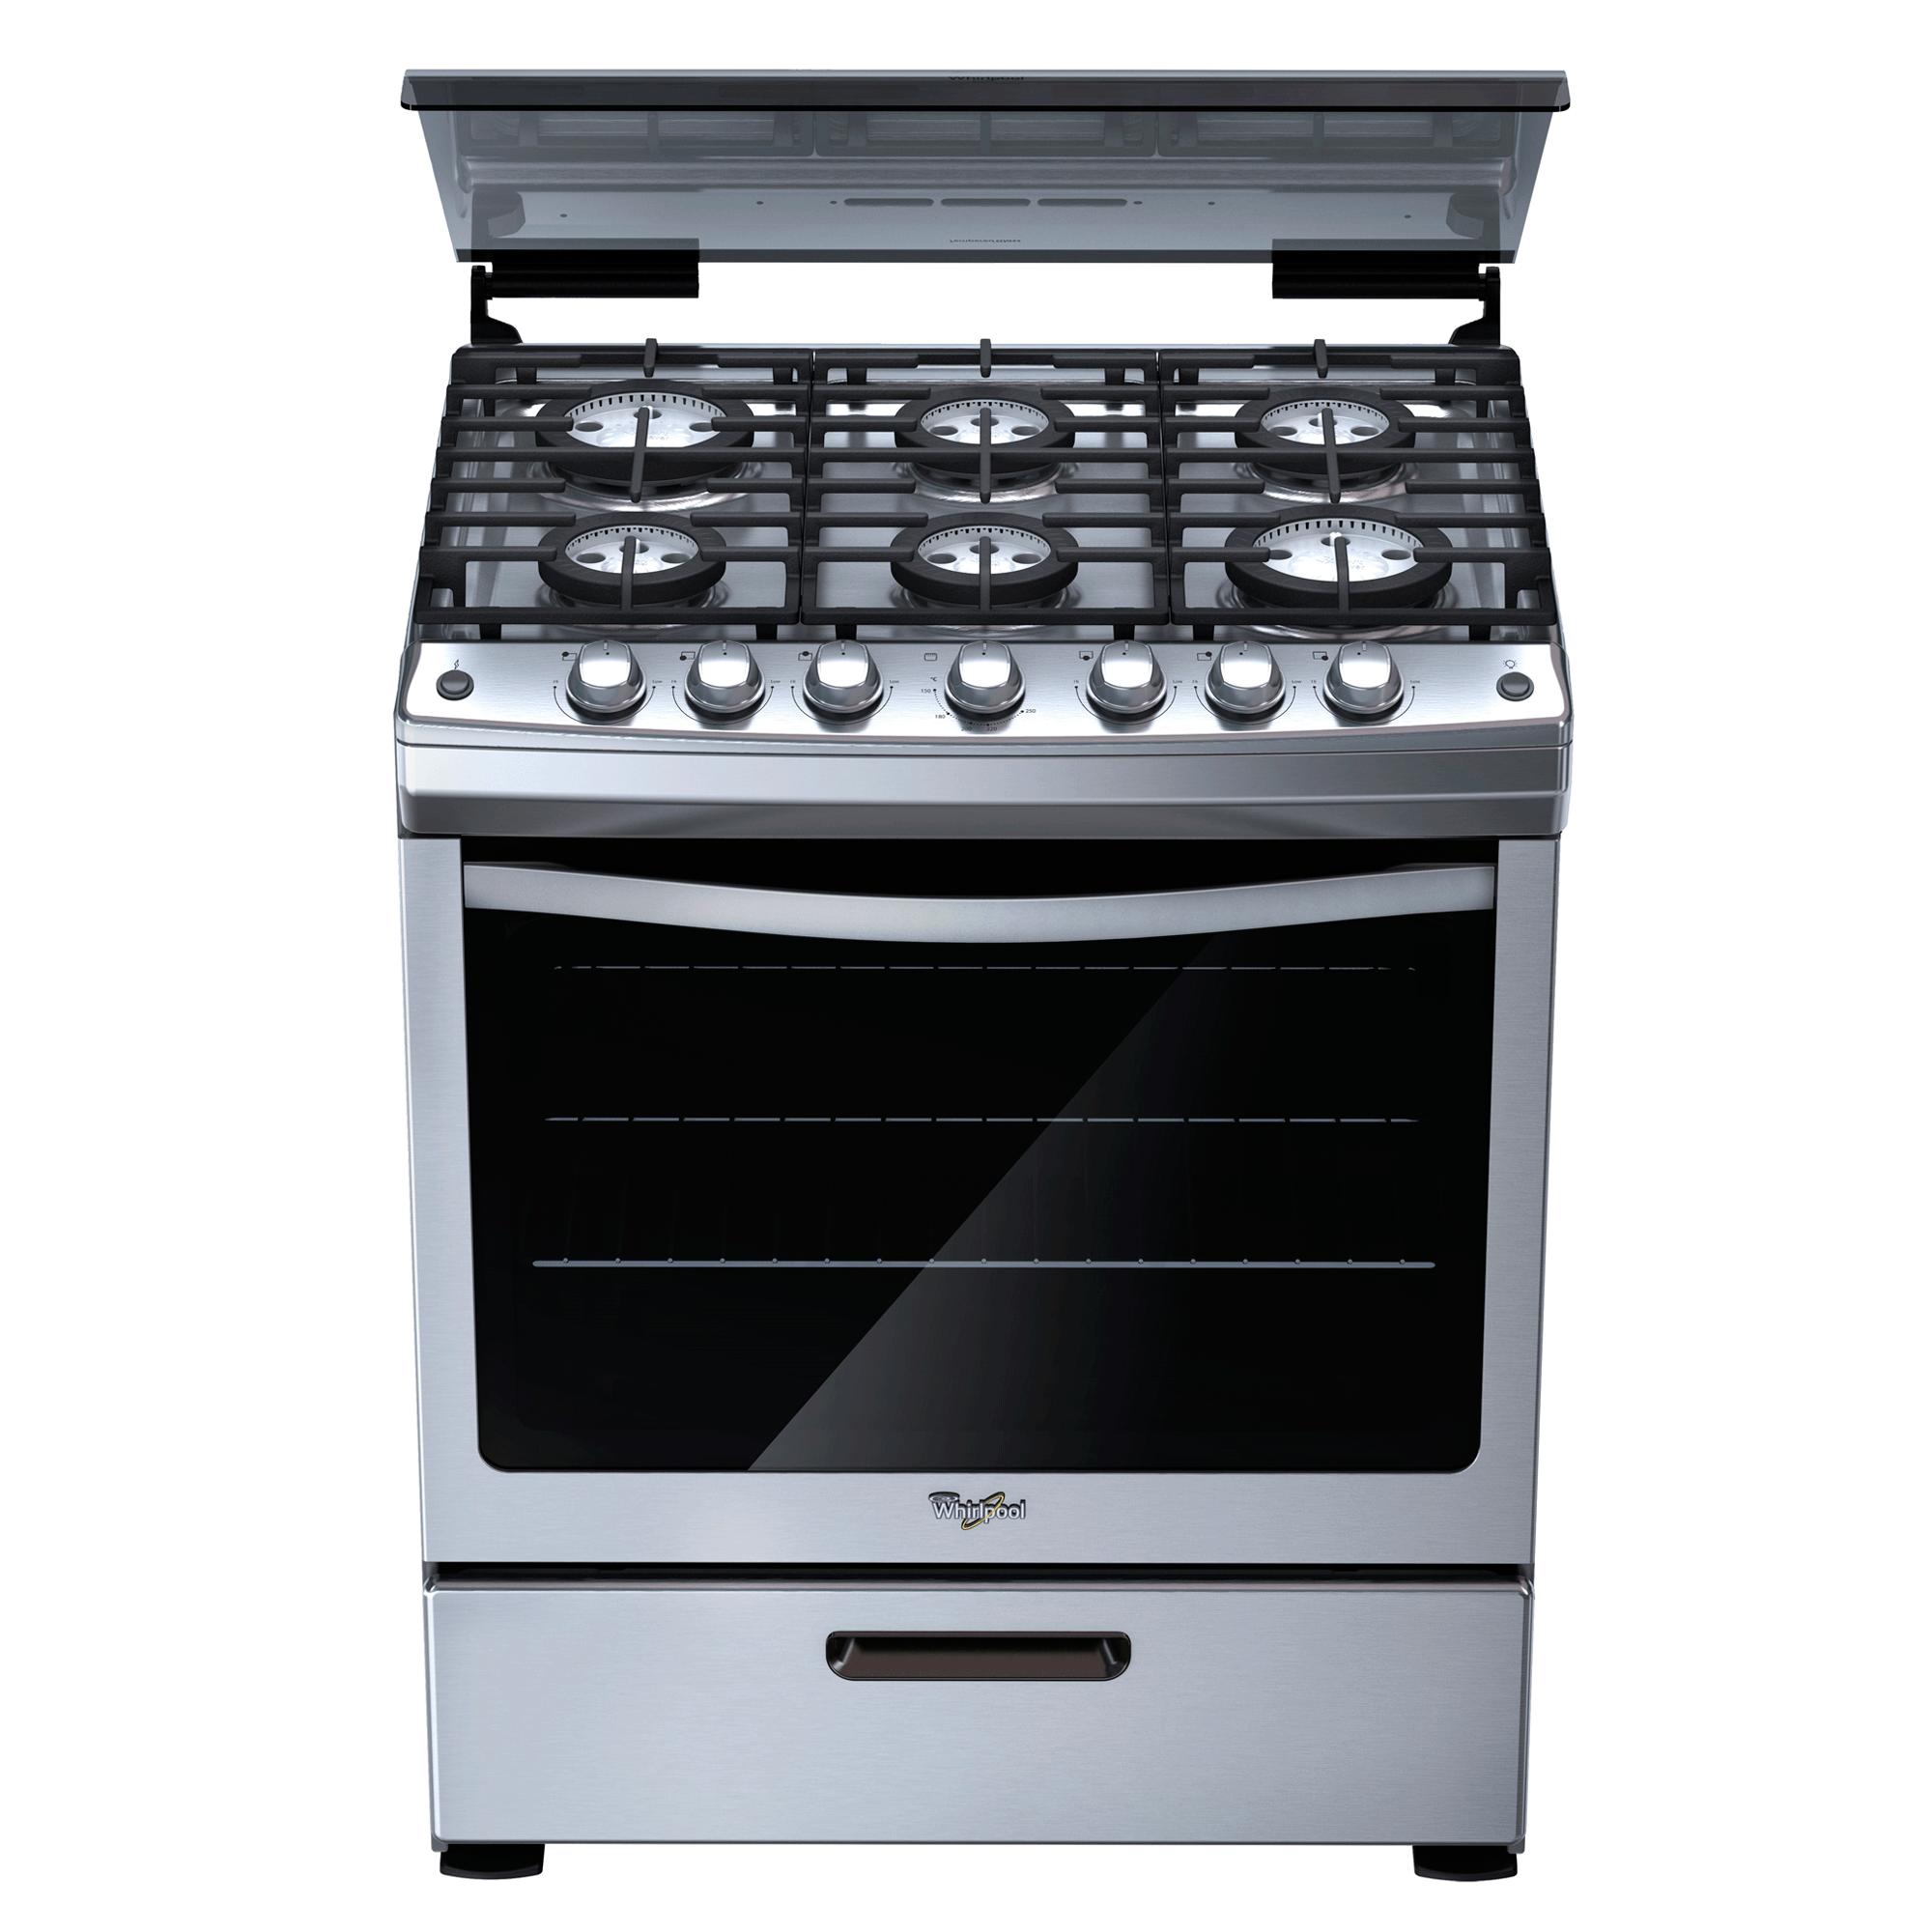 Reparacion de calefones cocinas estufas en caba no se for Cocina de gas profesional